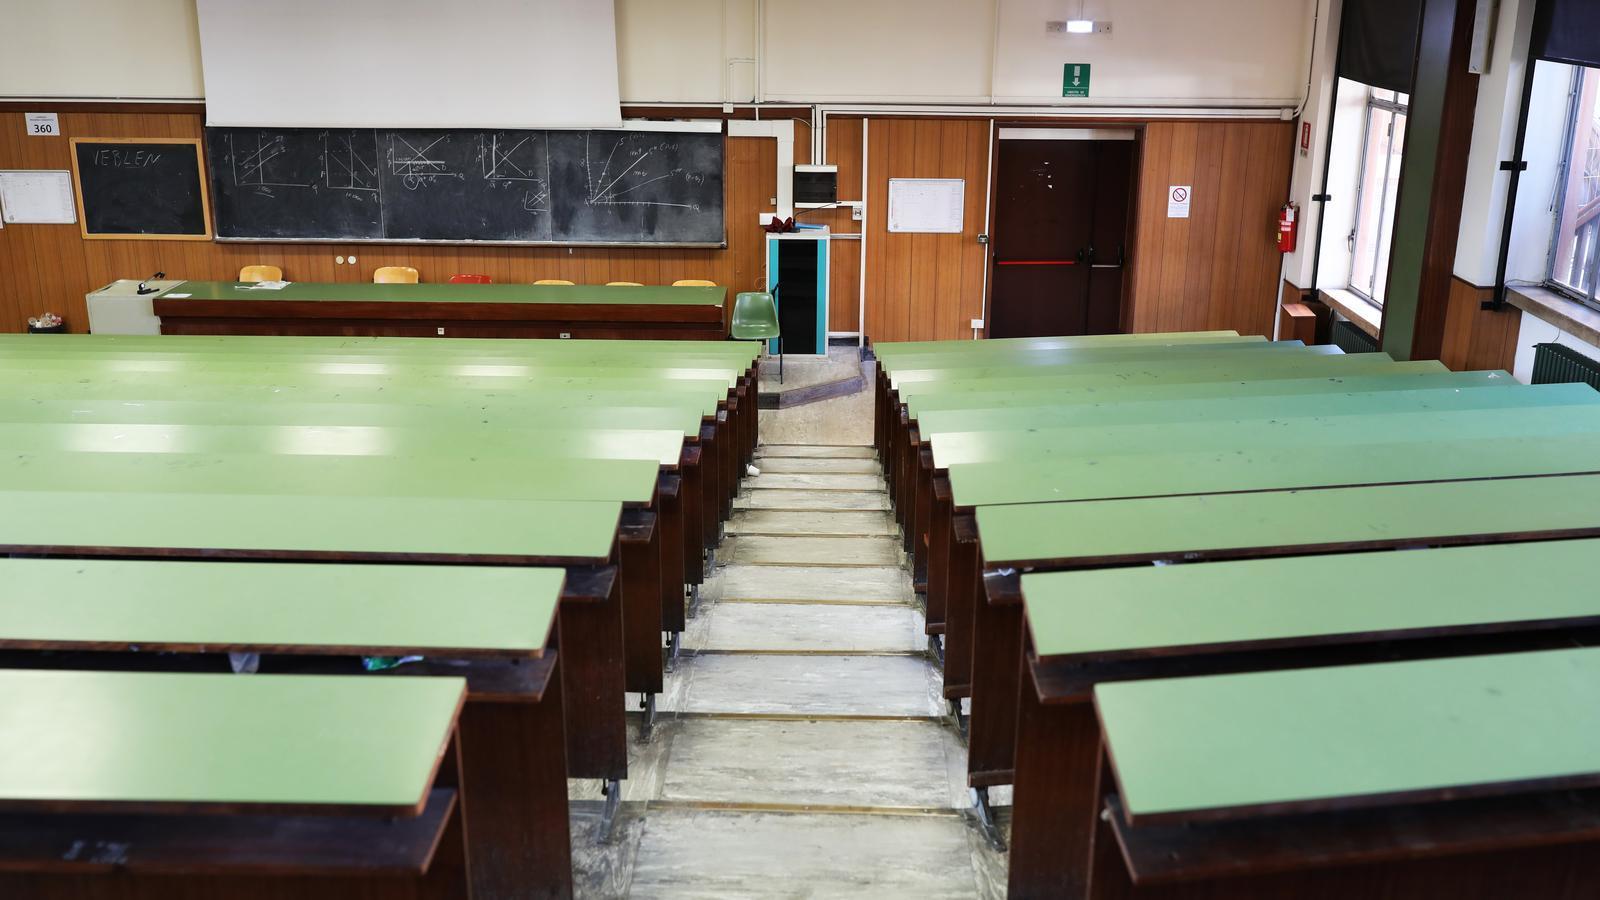 Pupitres individuals, onze milions de mascaretes diàries i classes reduïdes per a la tornada a l'escola a Itàlia